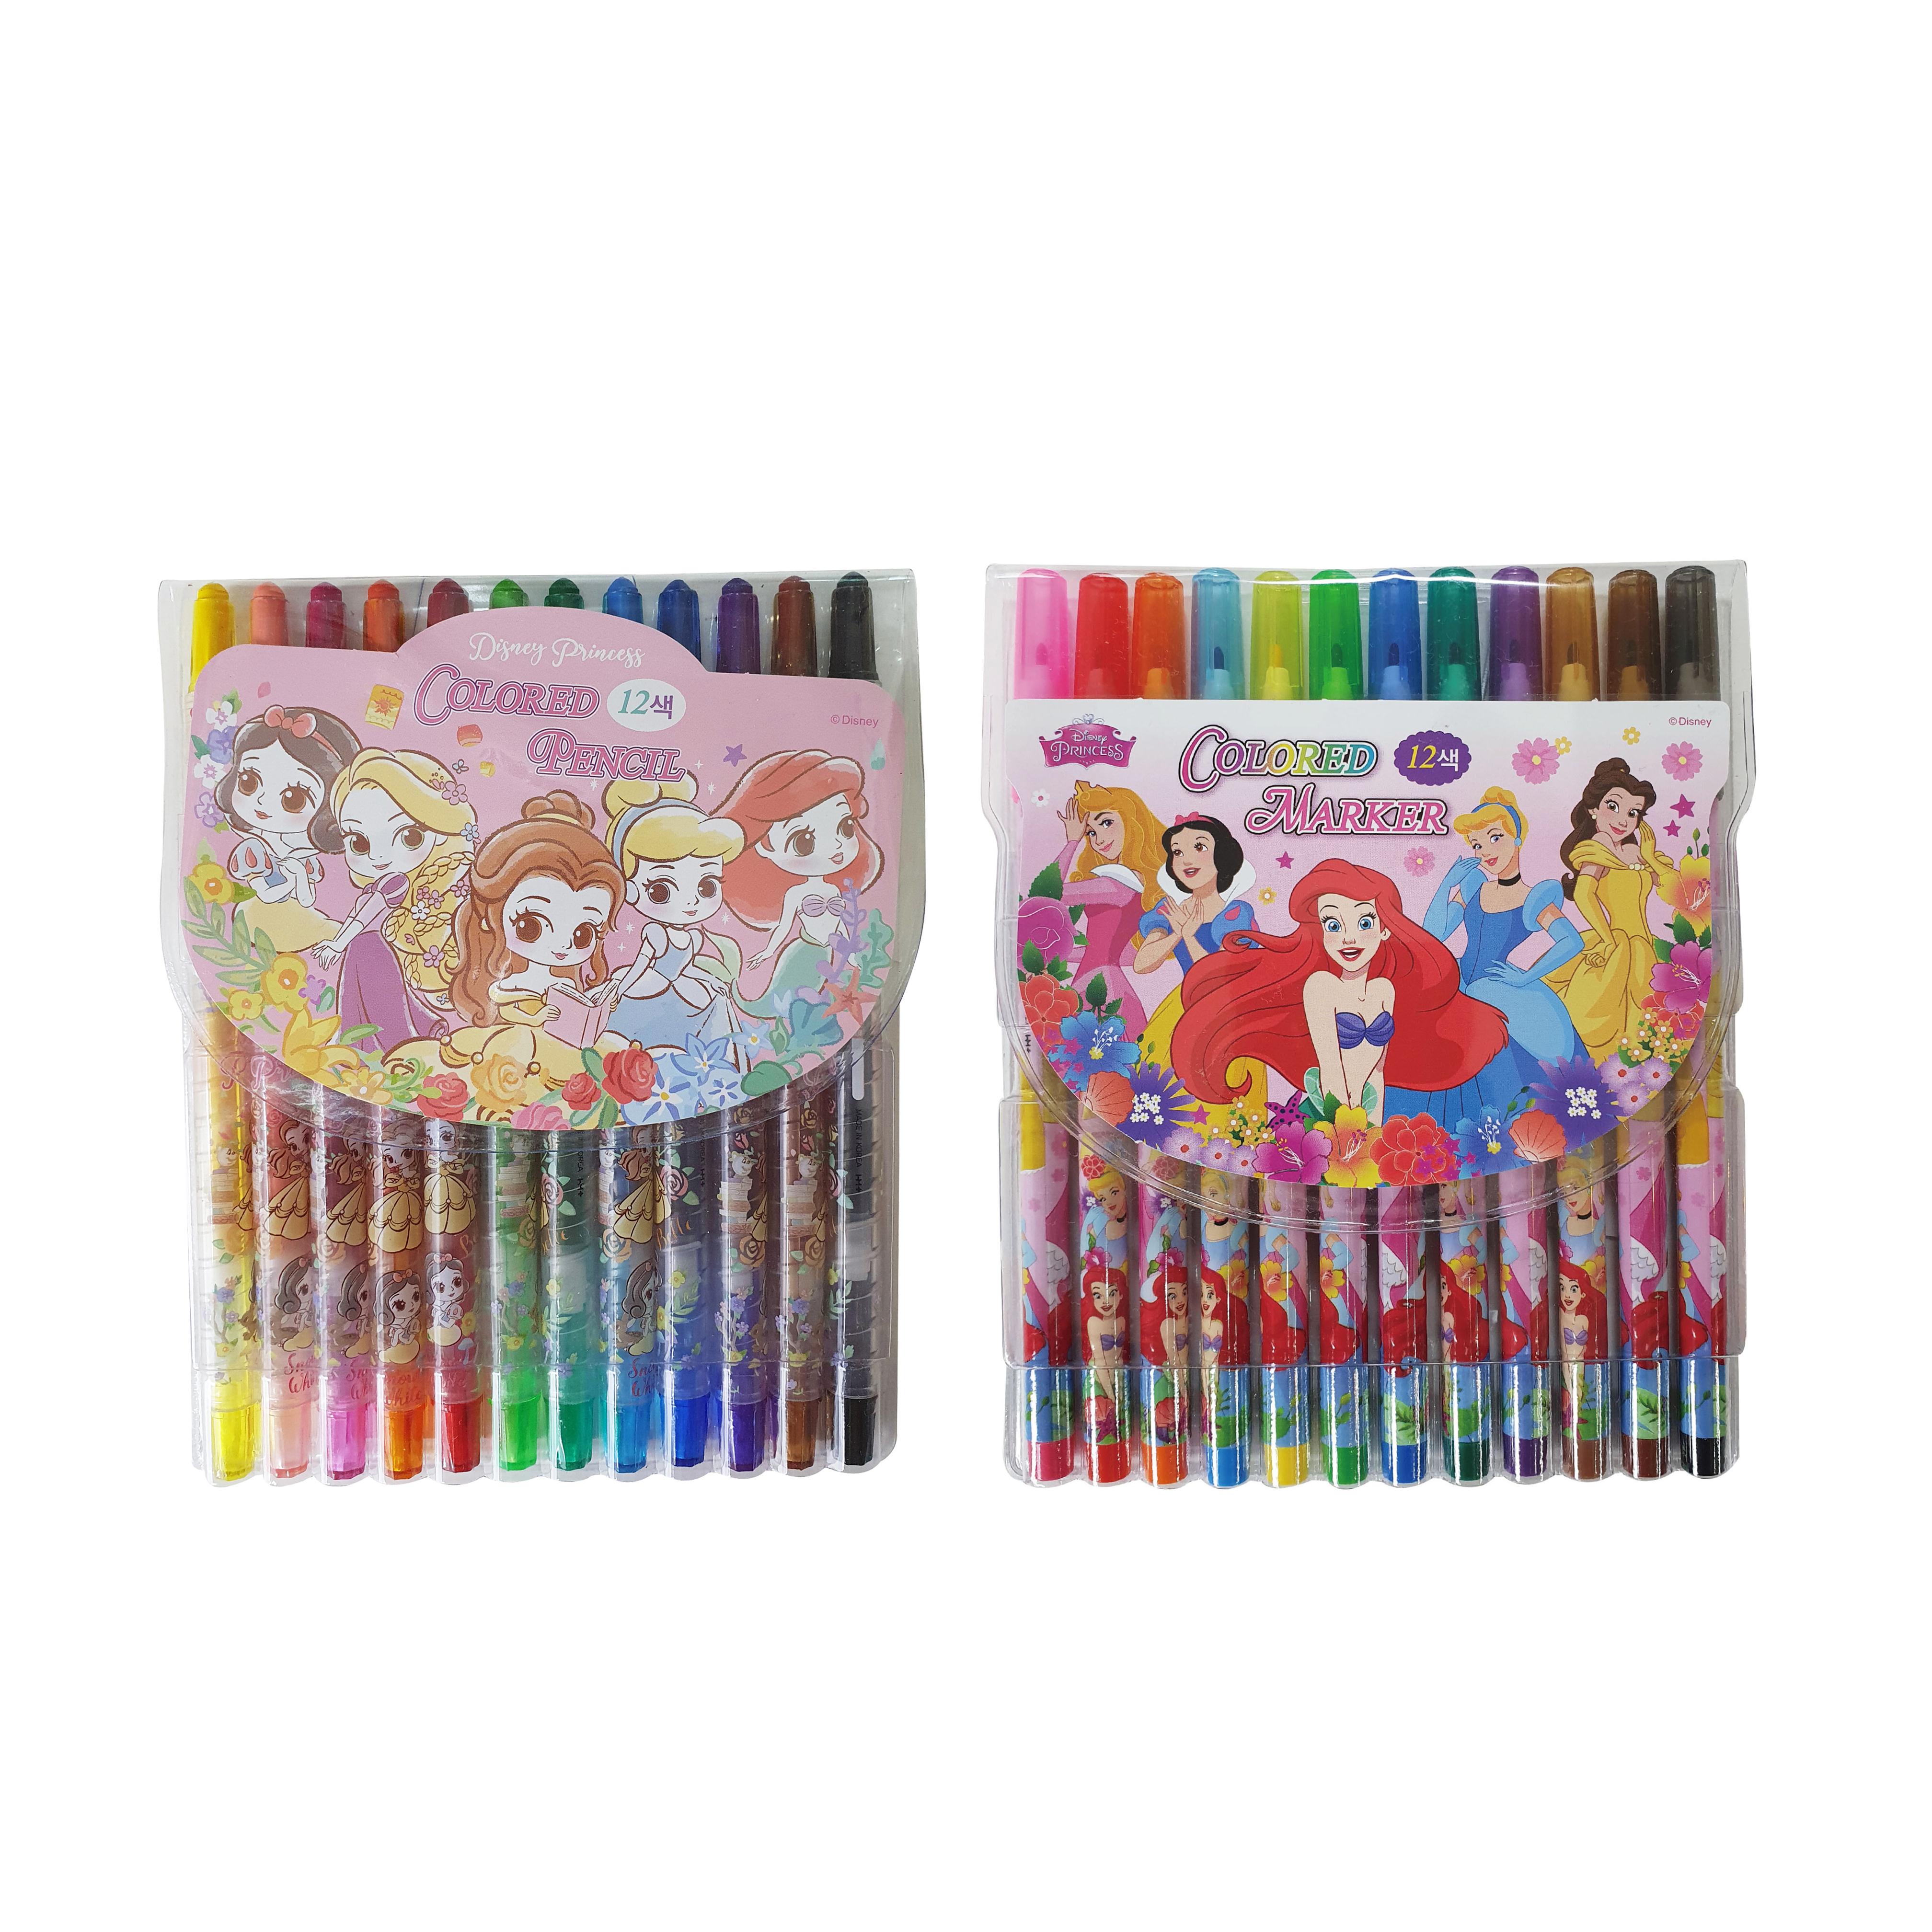 디즈니 프린세스 색연필 12색 + 사인펜 12색 문구 세트, 혼합색상, 1세트